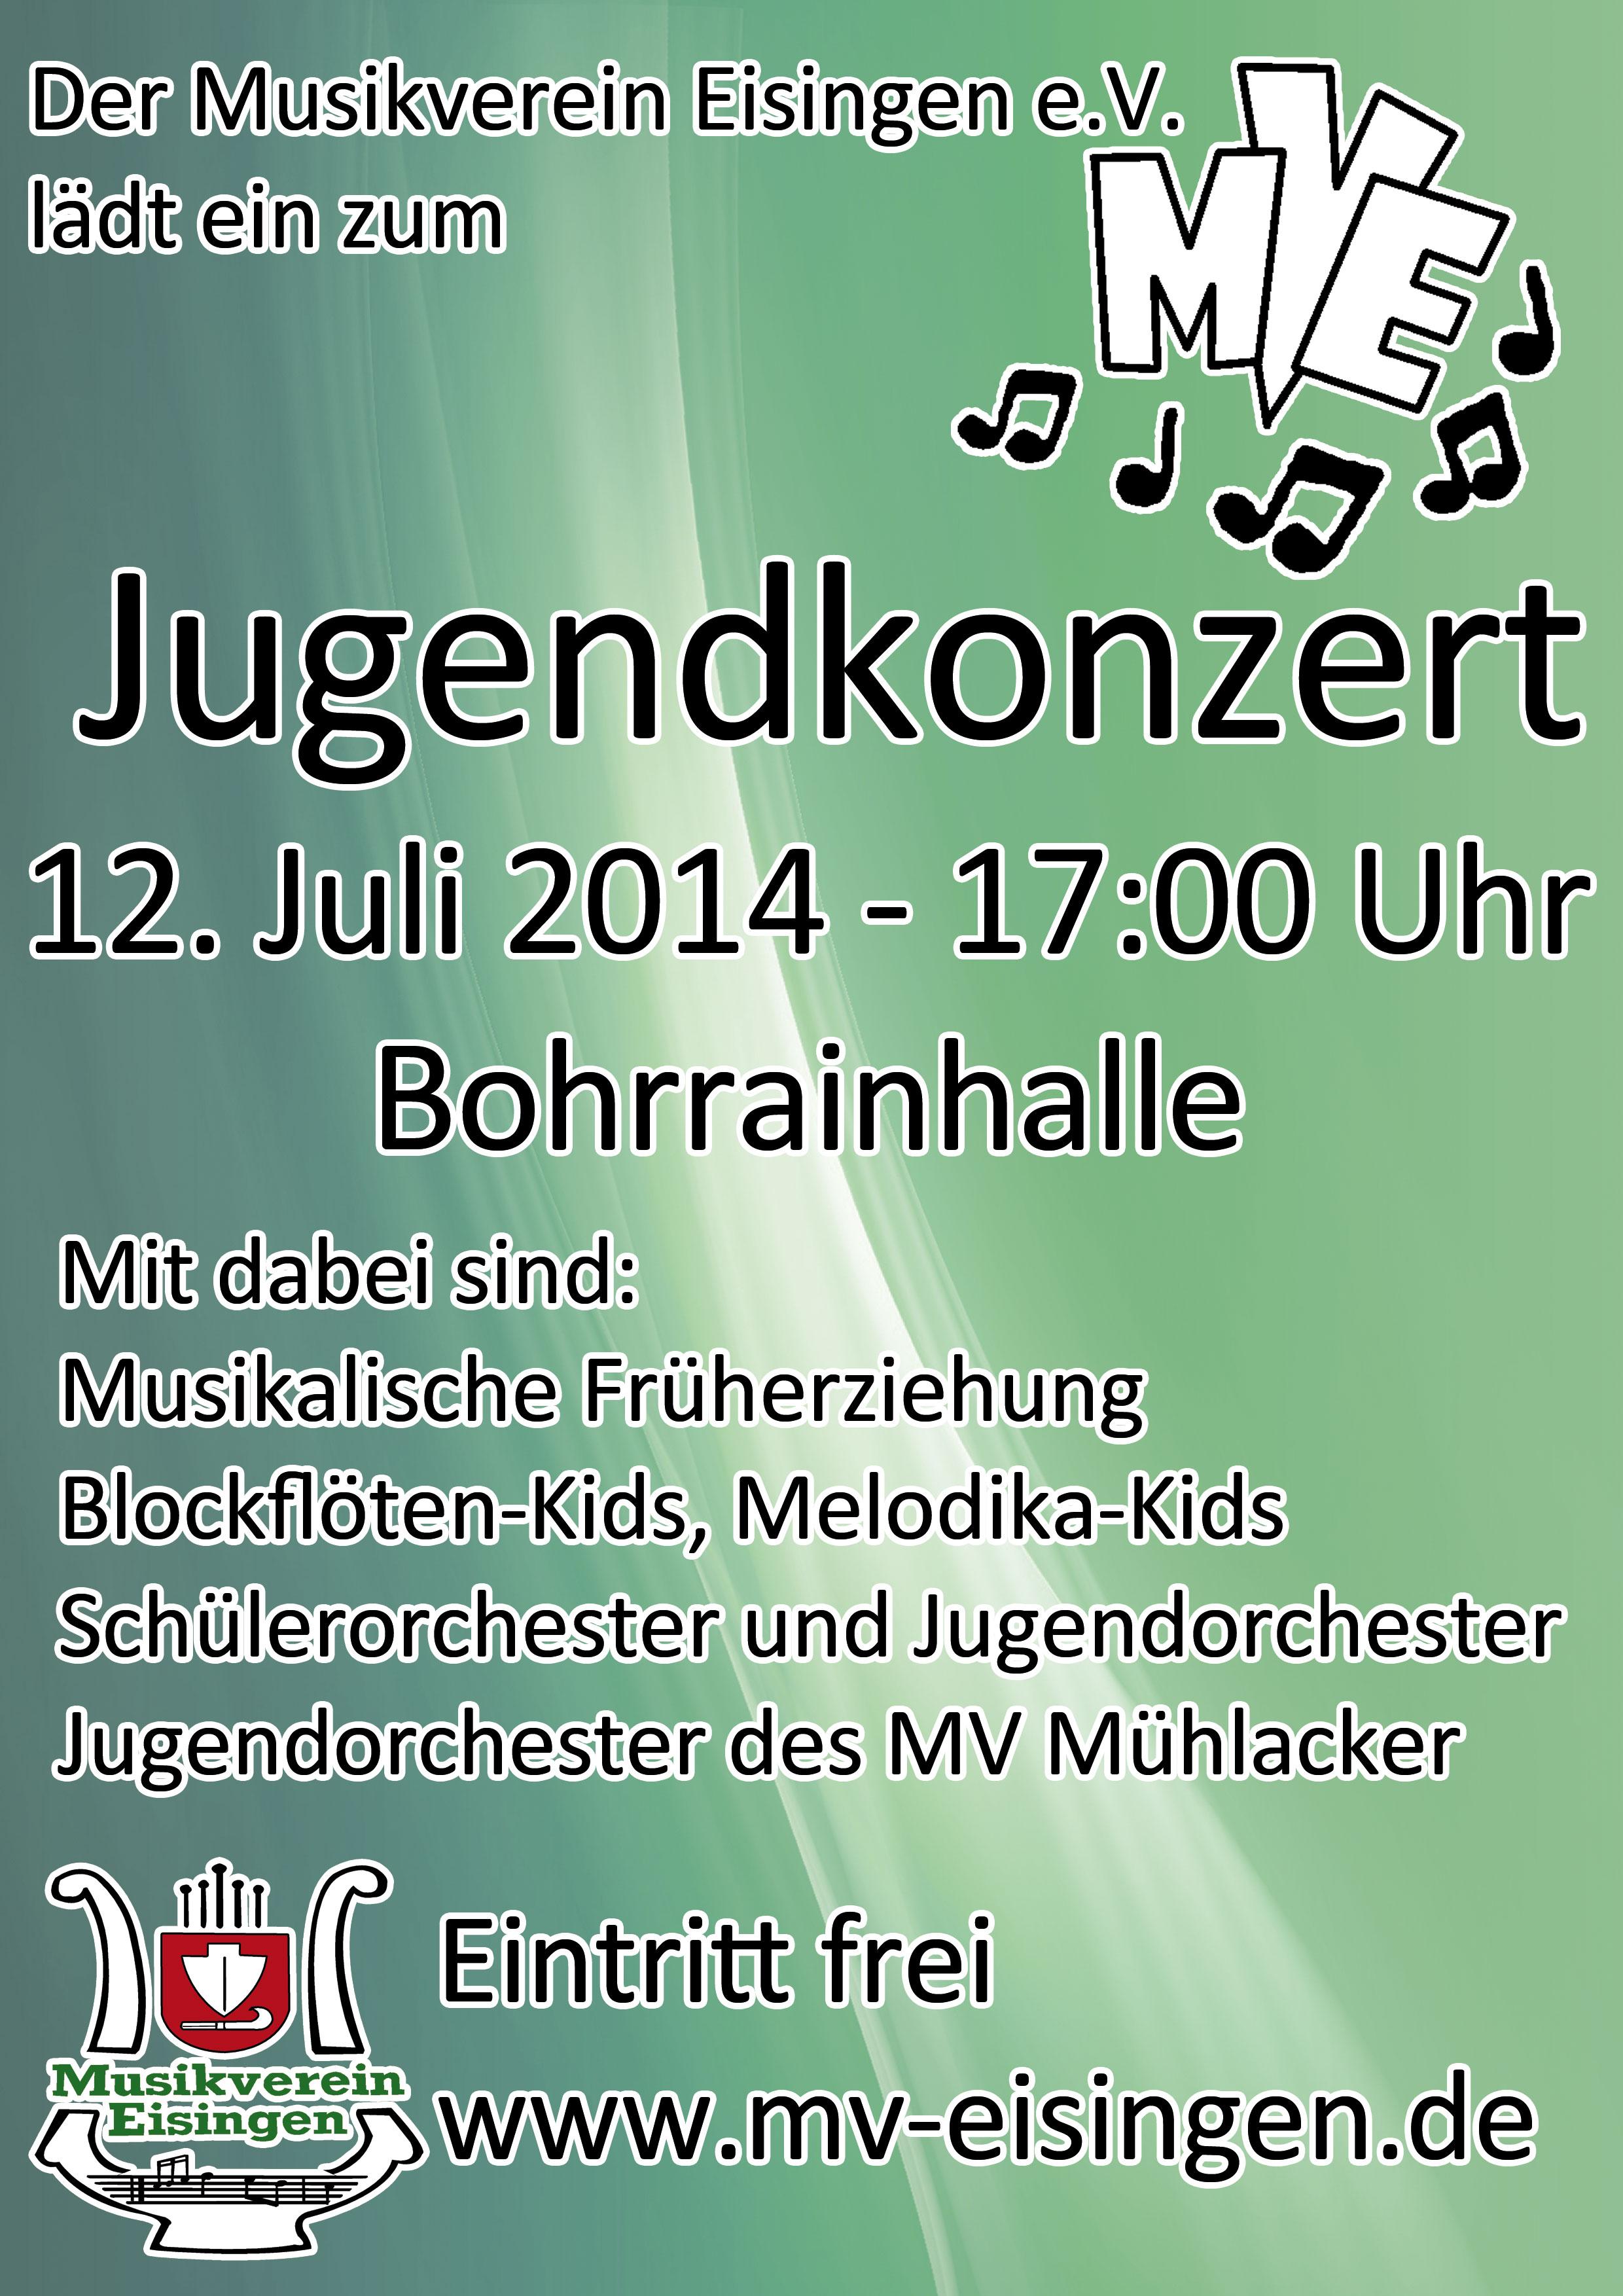 Jugendkonzert 2014